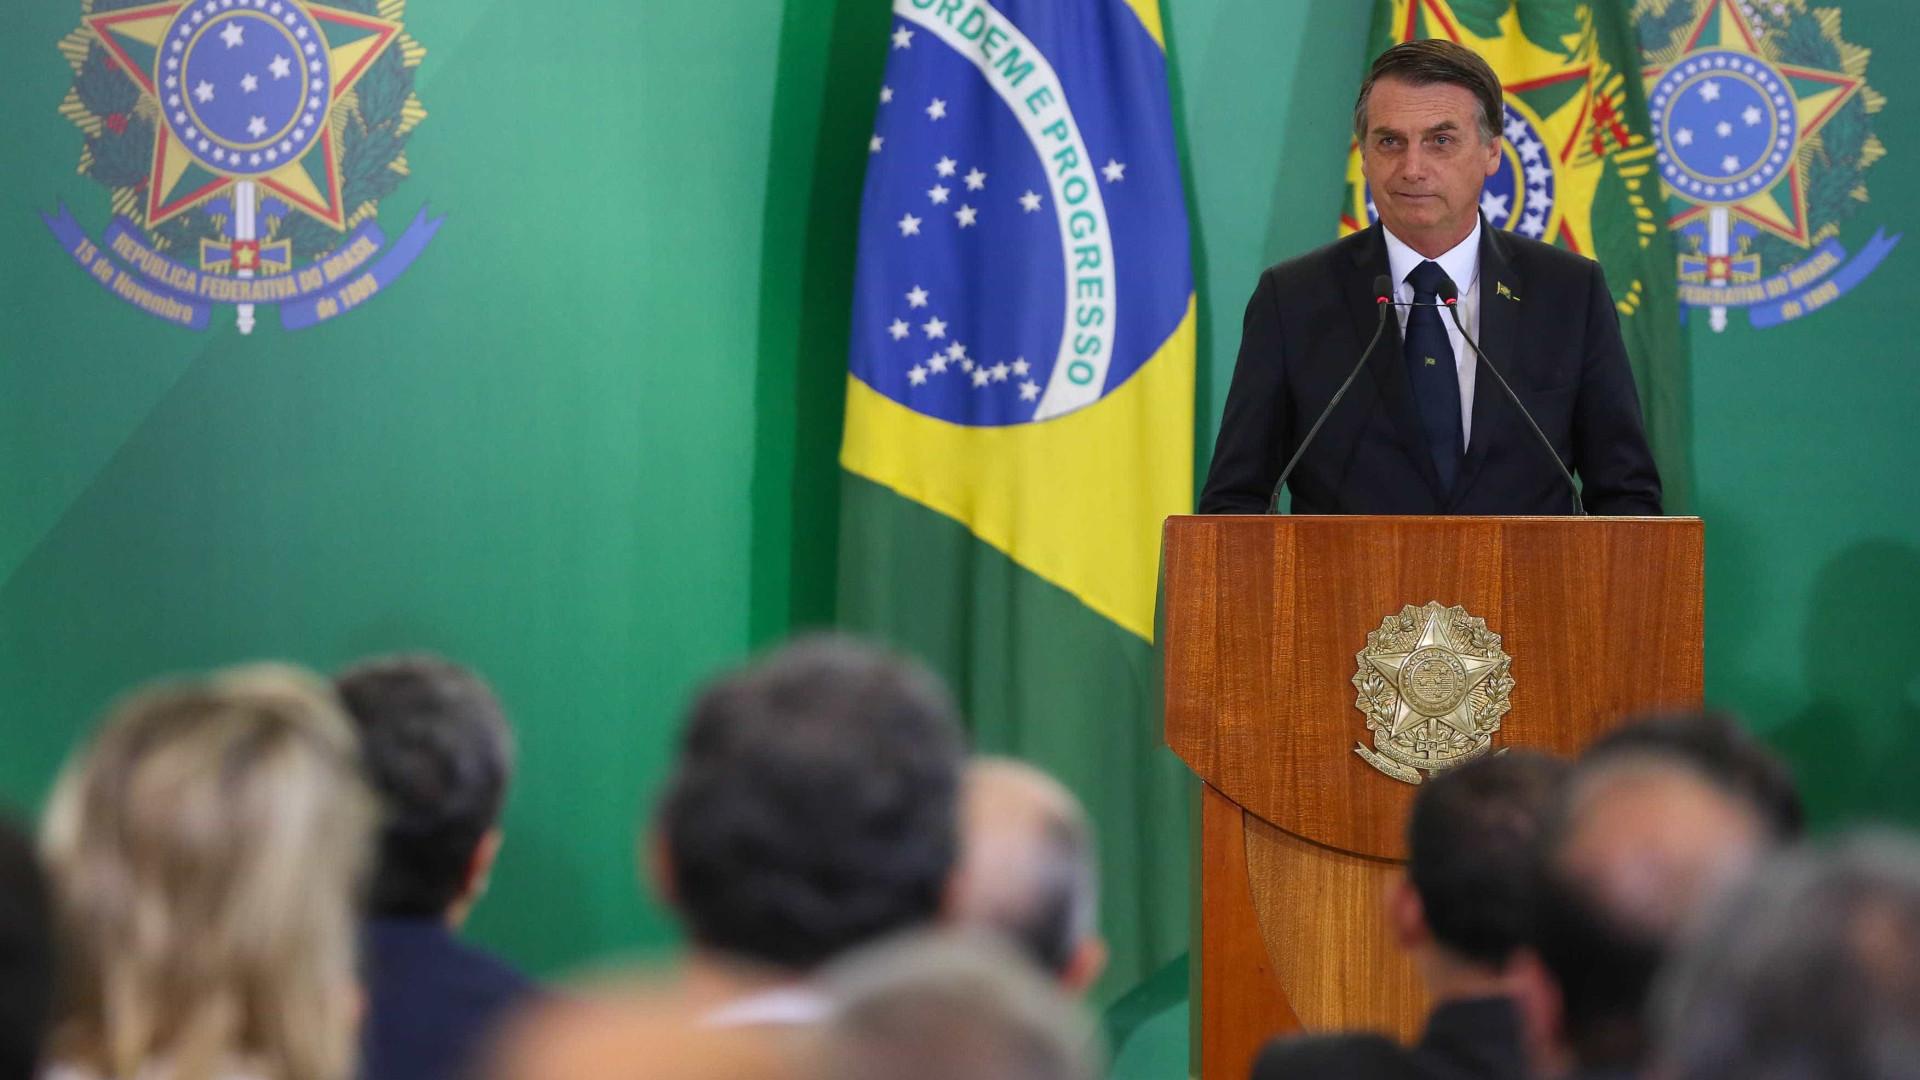 Ibama anula multa de Bolsonaro e processo volta à estaca zero